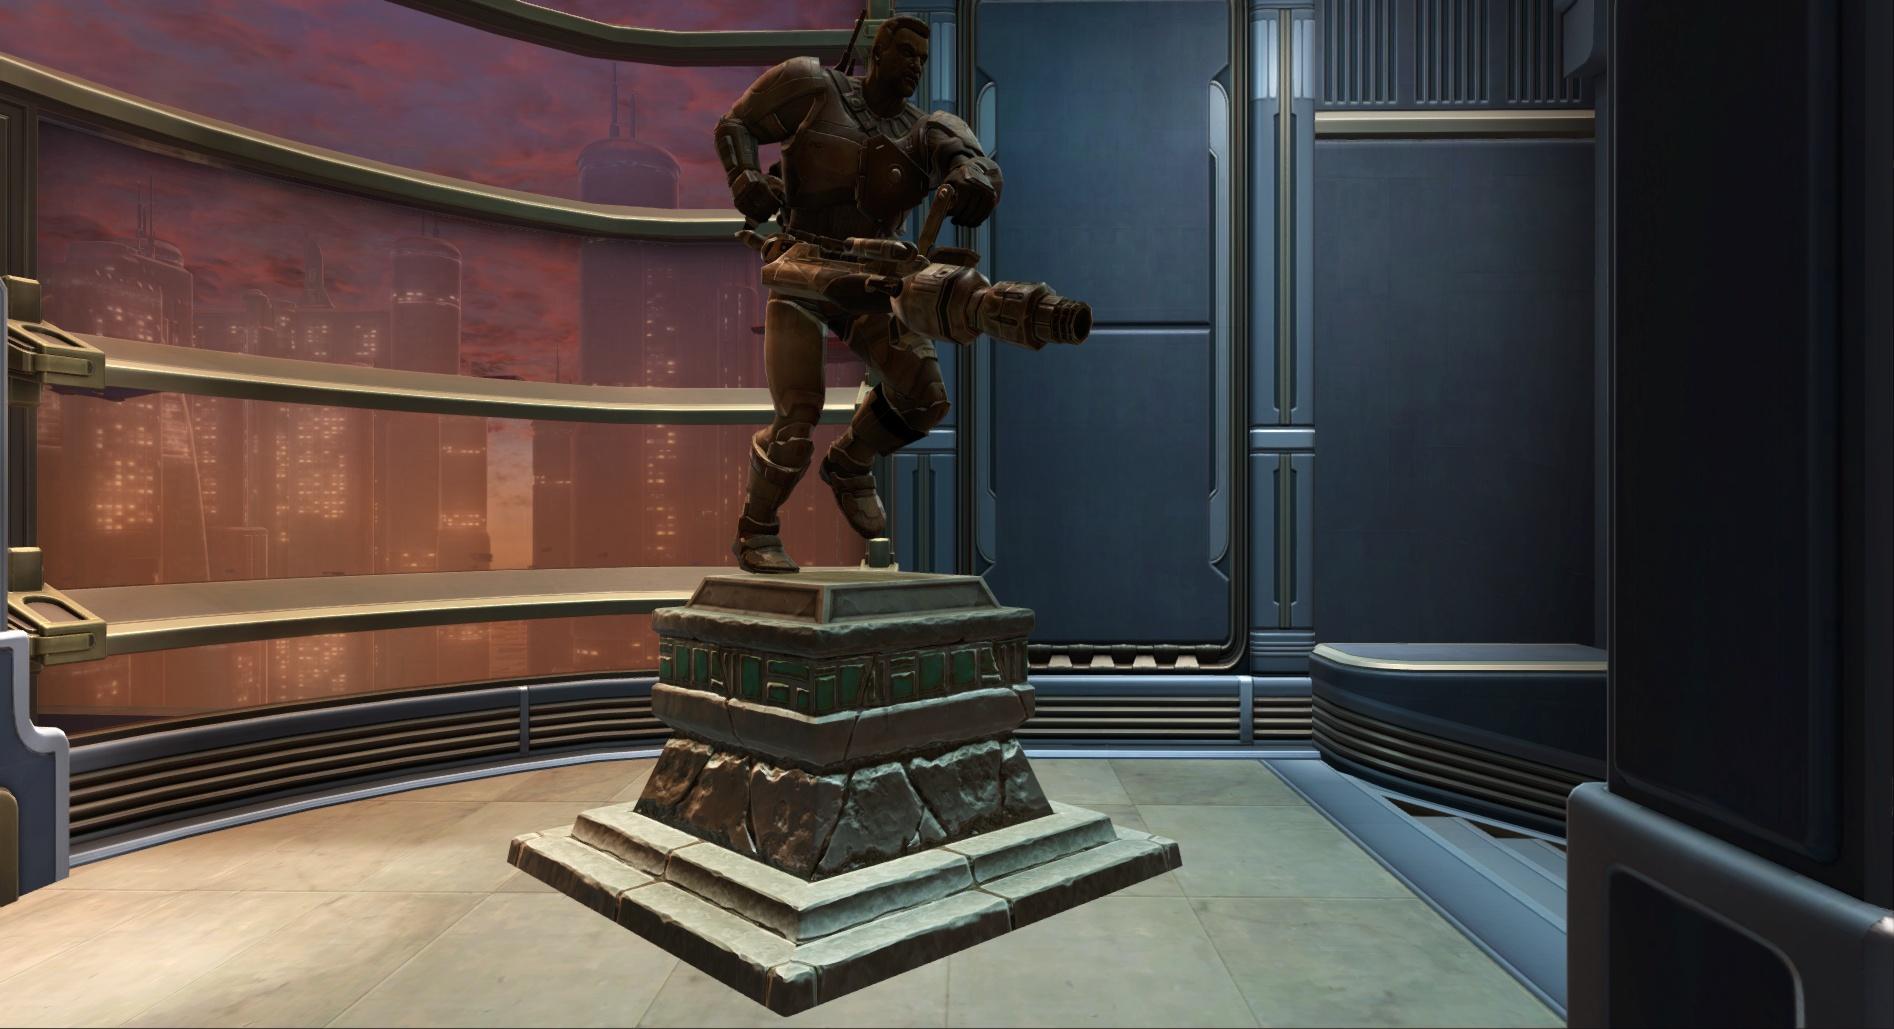 Commemorative Statue of Jace Malcolm